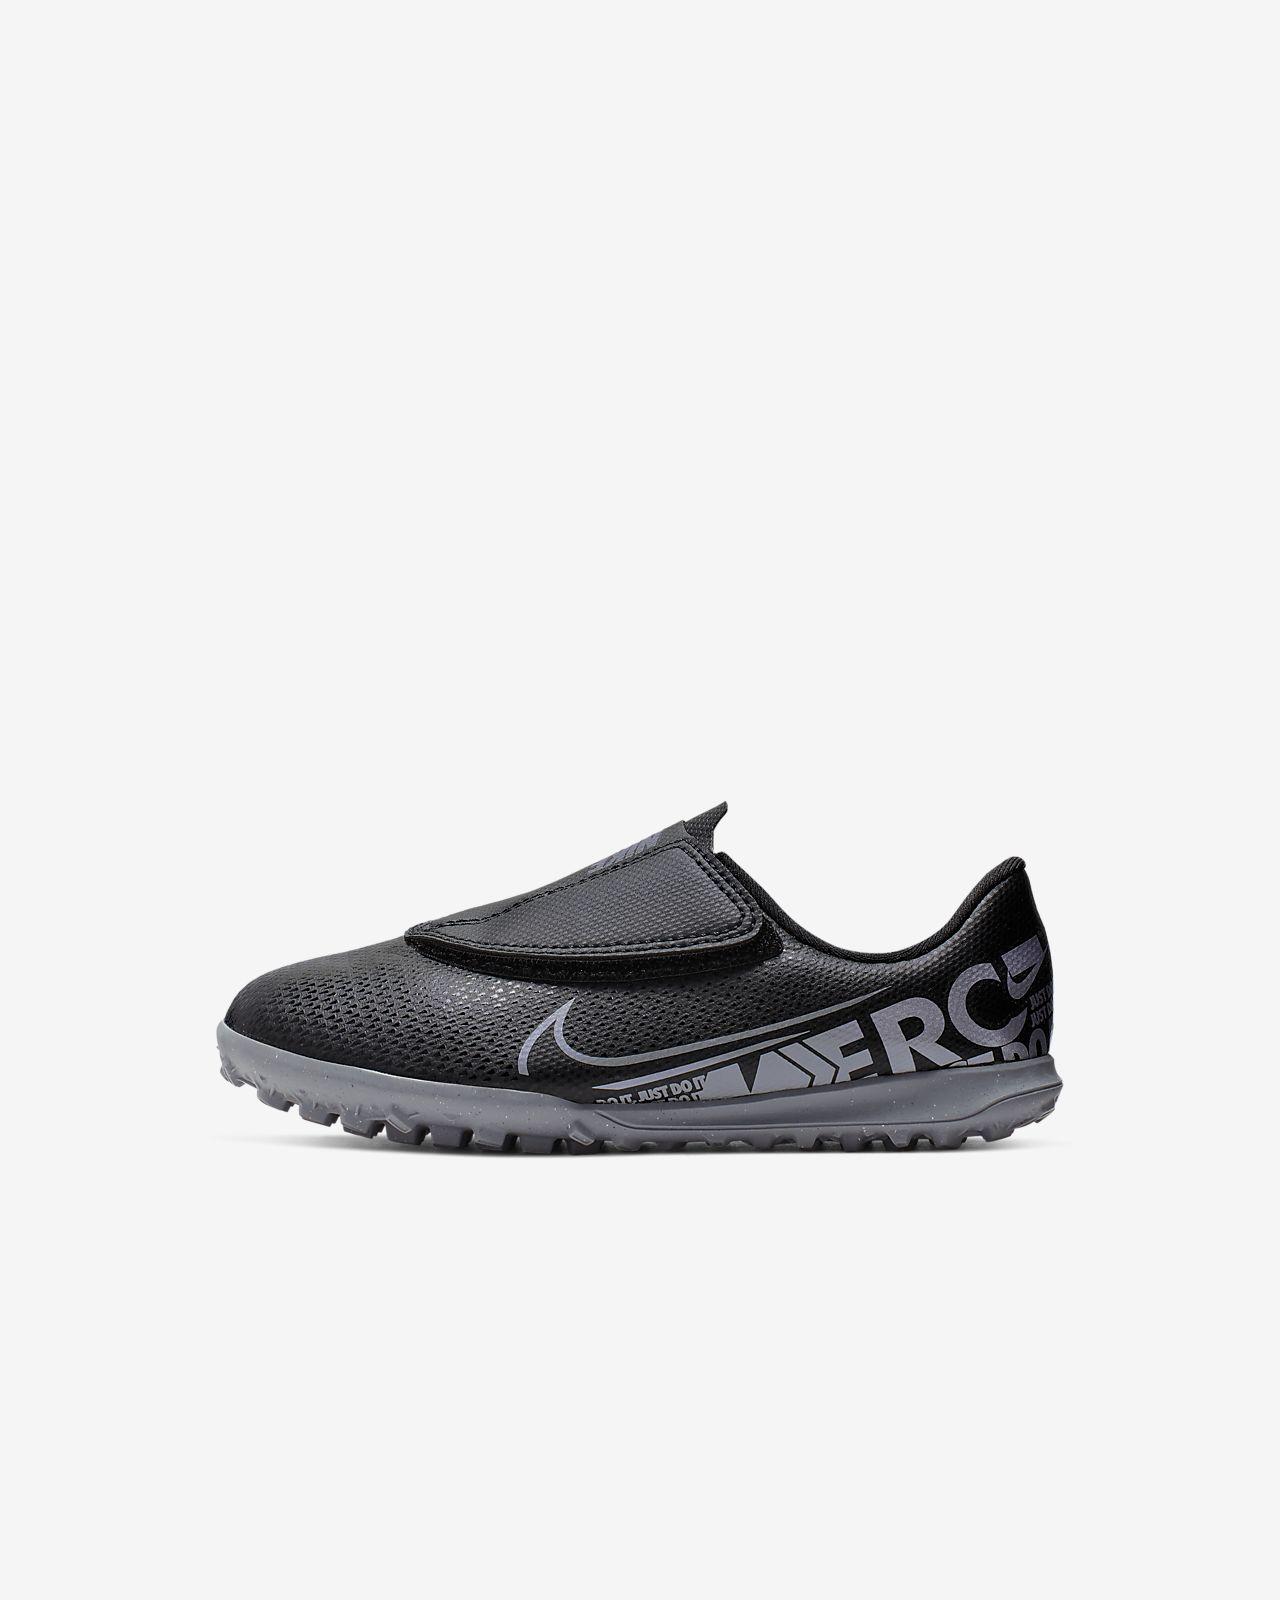 Ποδοσφαιρικό παπούτσι για τεχνητό χλοοτάπητα Nike Jr. Mercurial Vapor 13 Club TF για νήπια/μικρά παιδιά